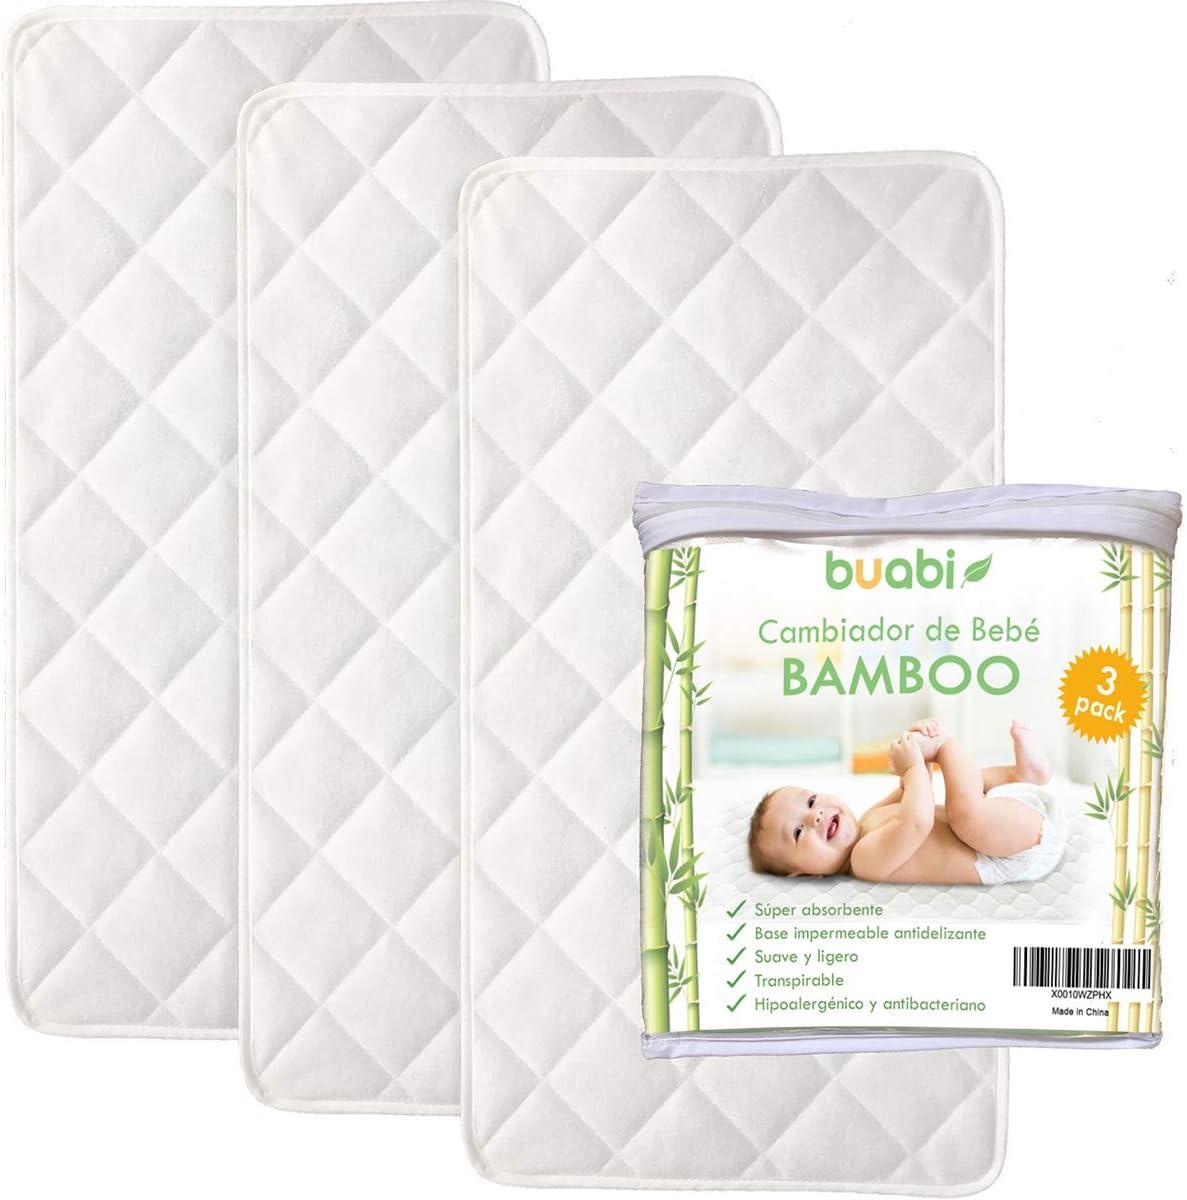 BUABI Cambiador Bebé Portátil, pack de 3 cambiadores de viaje. Bambú Hipoalergénico, antibacteriano y transpirable, con base impermeable antidelizante